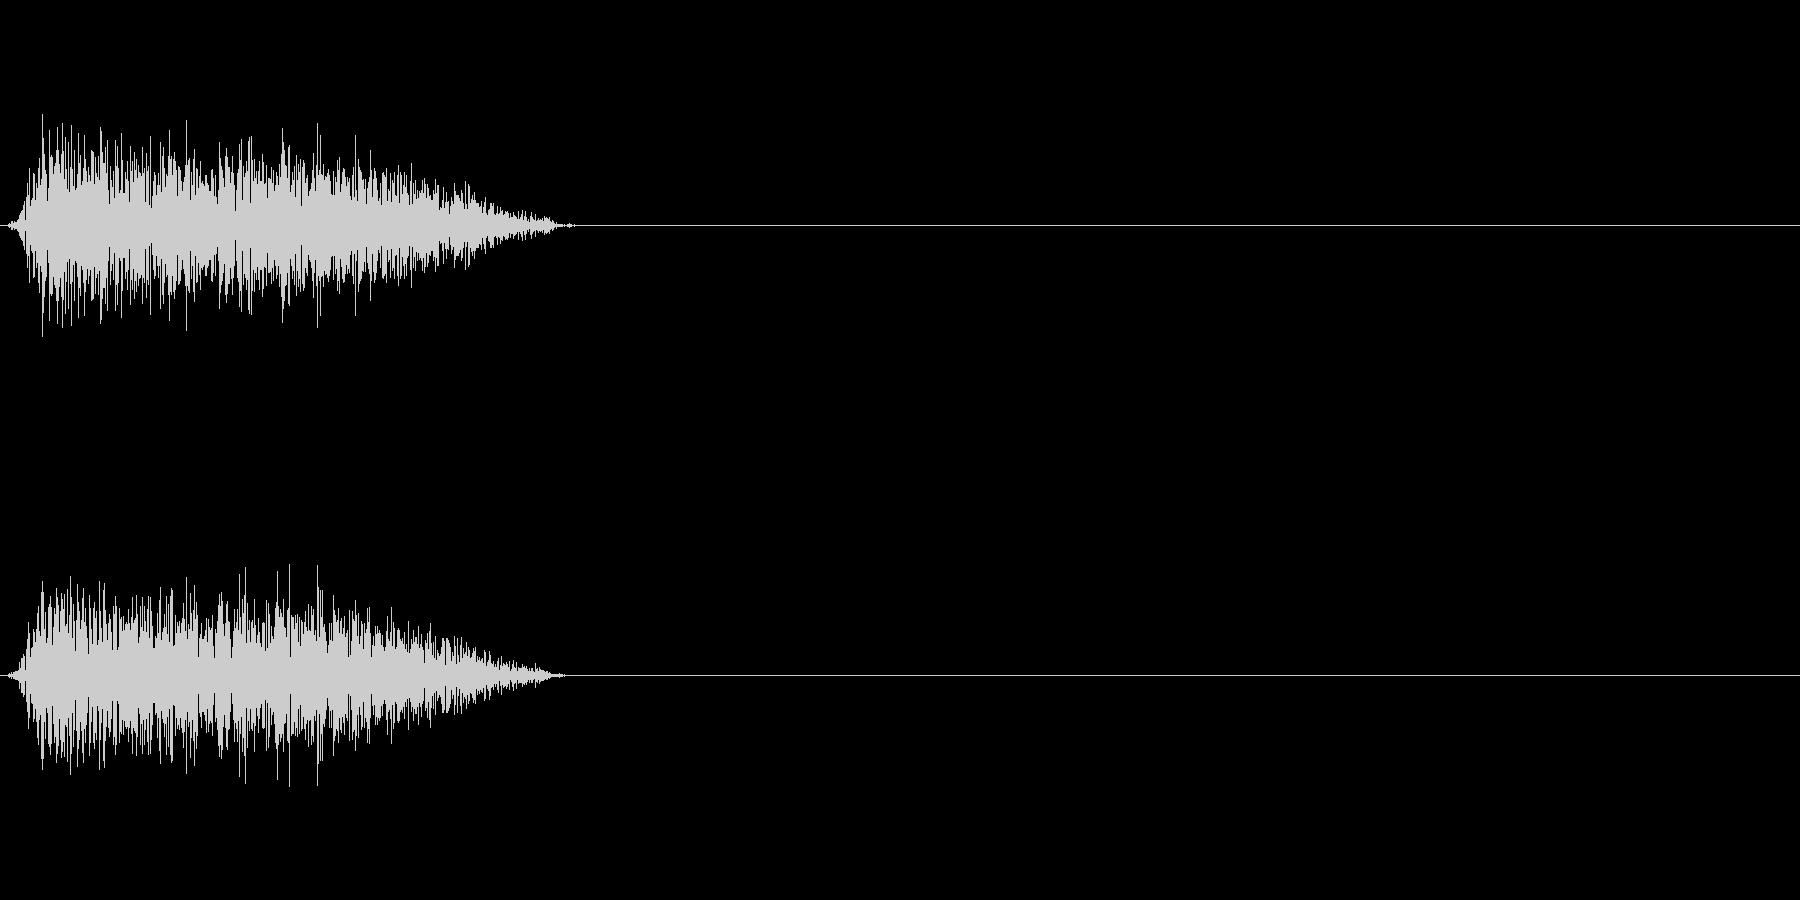 シュー 斬撃音の未再生の波形